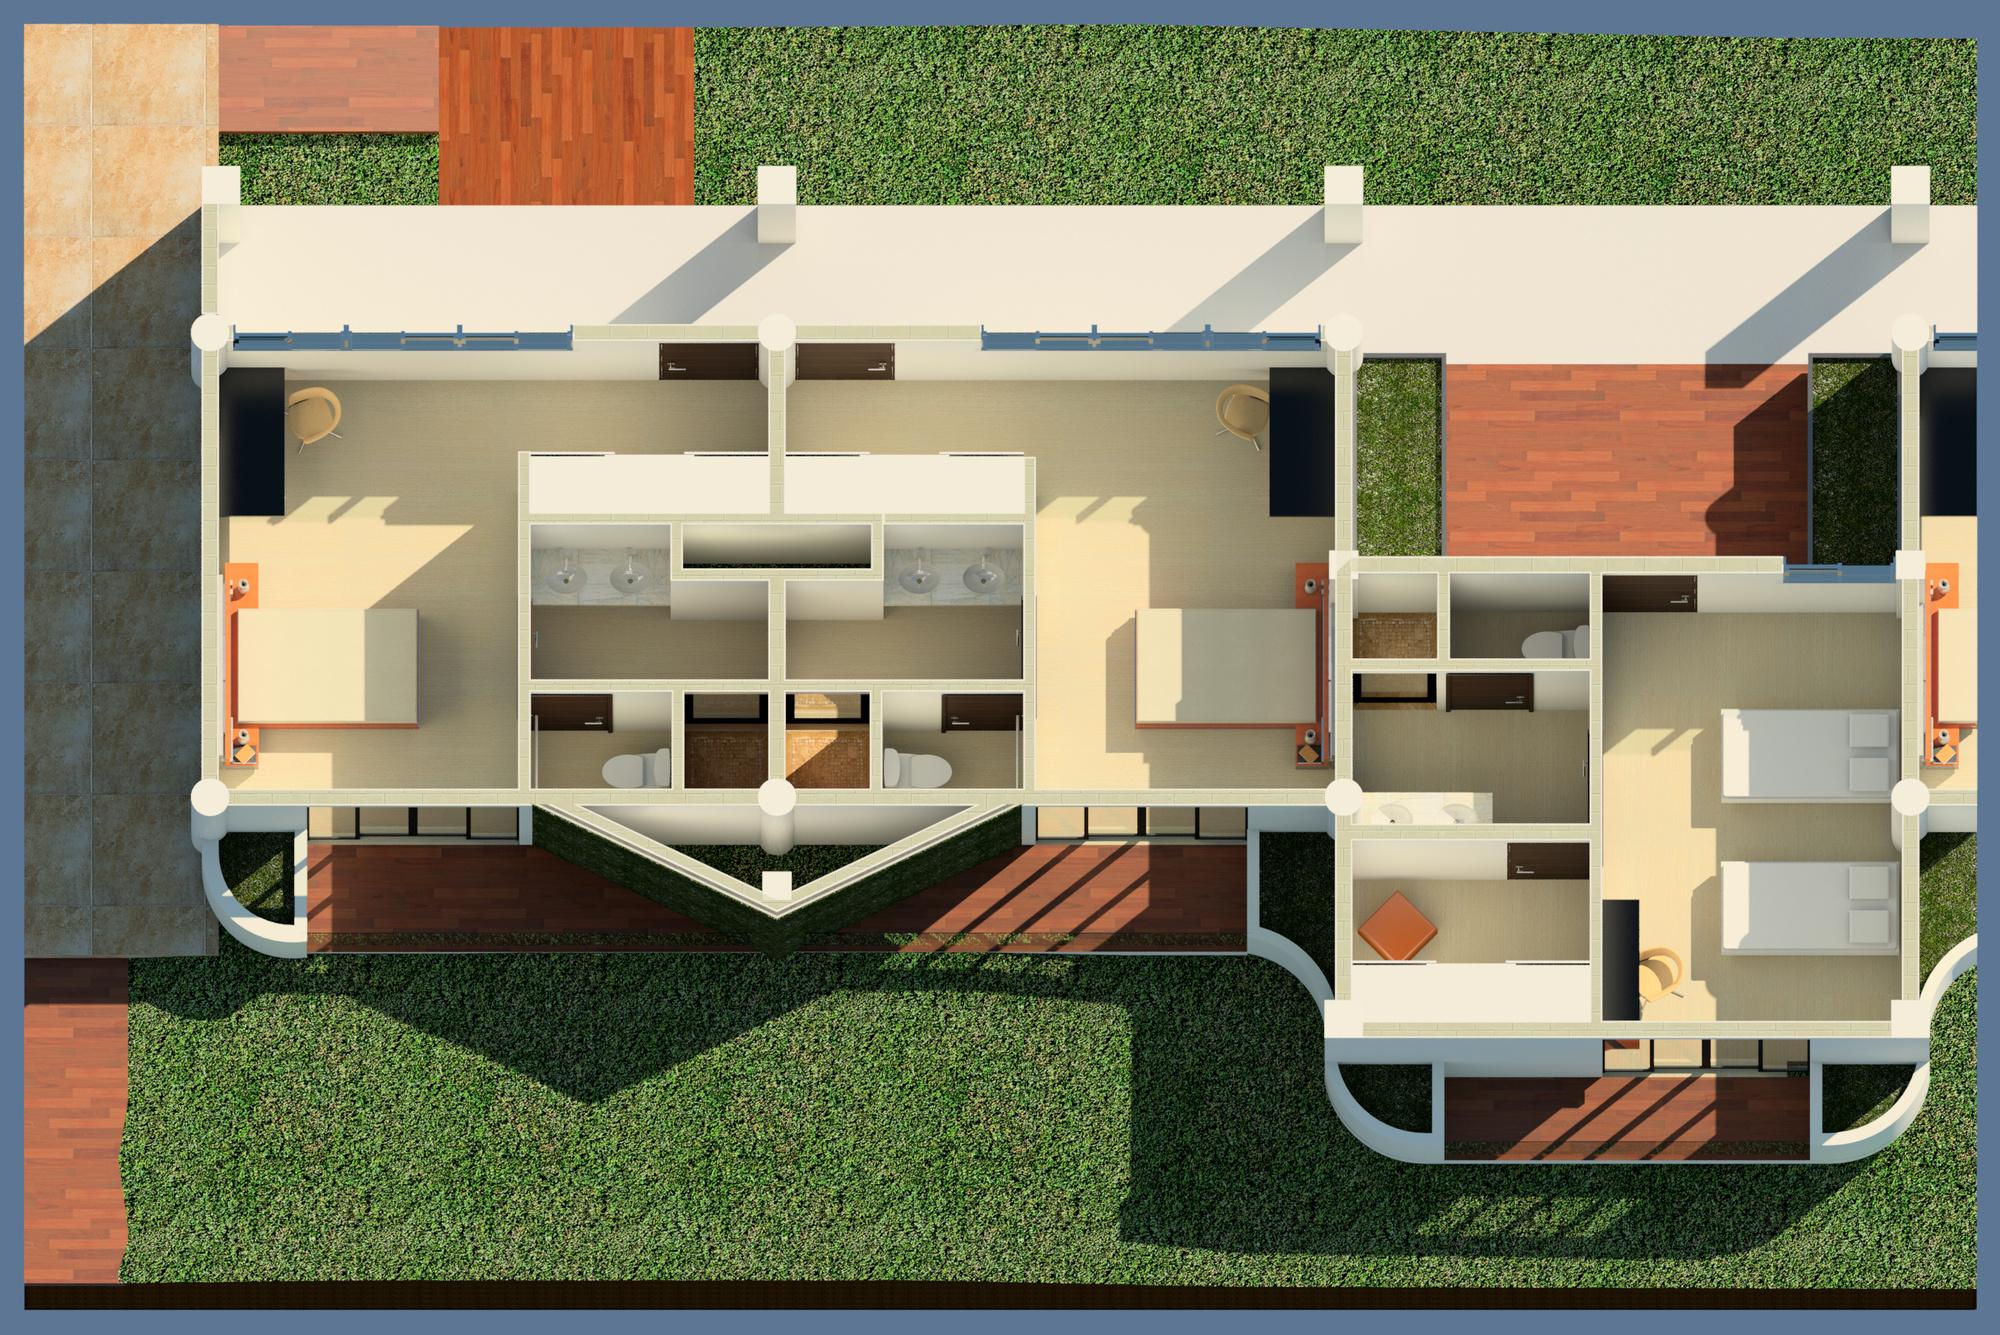 Raas-rendering20150603-29572-1cgaas3